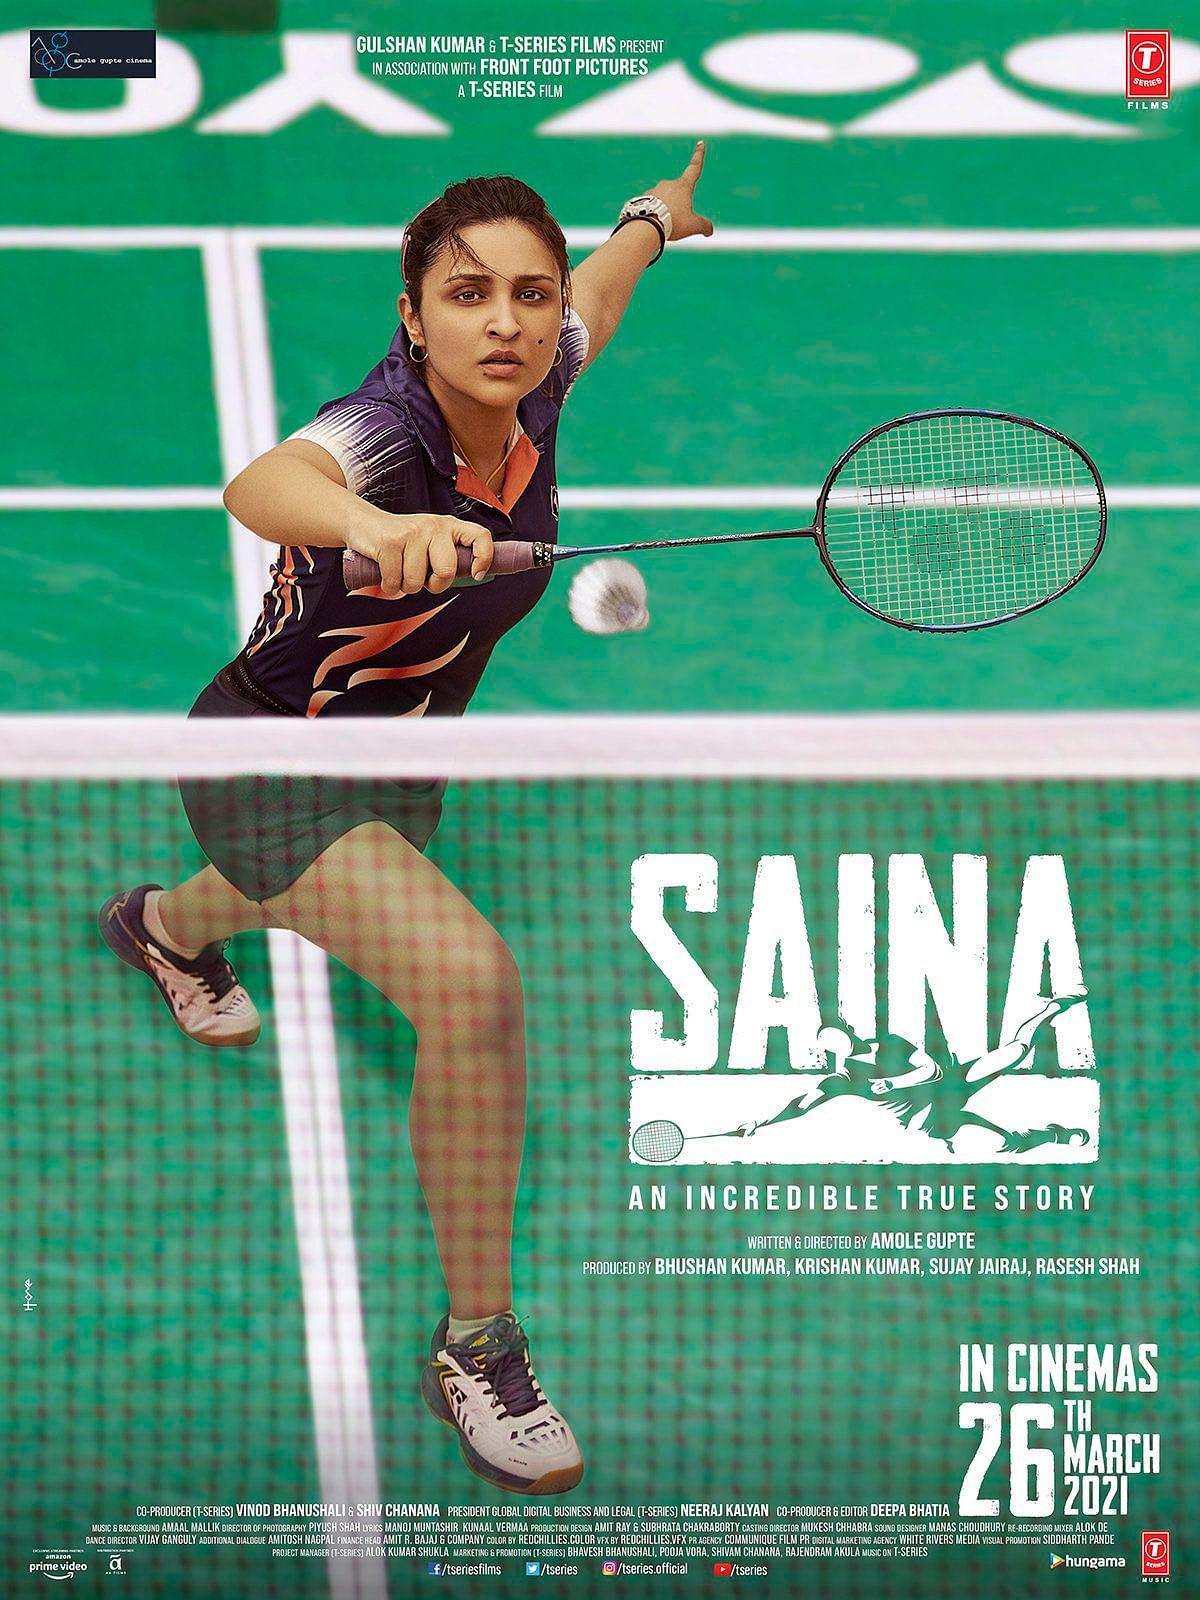 Saina - Qn Incredible True Story